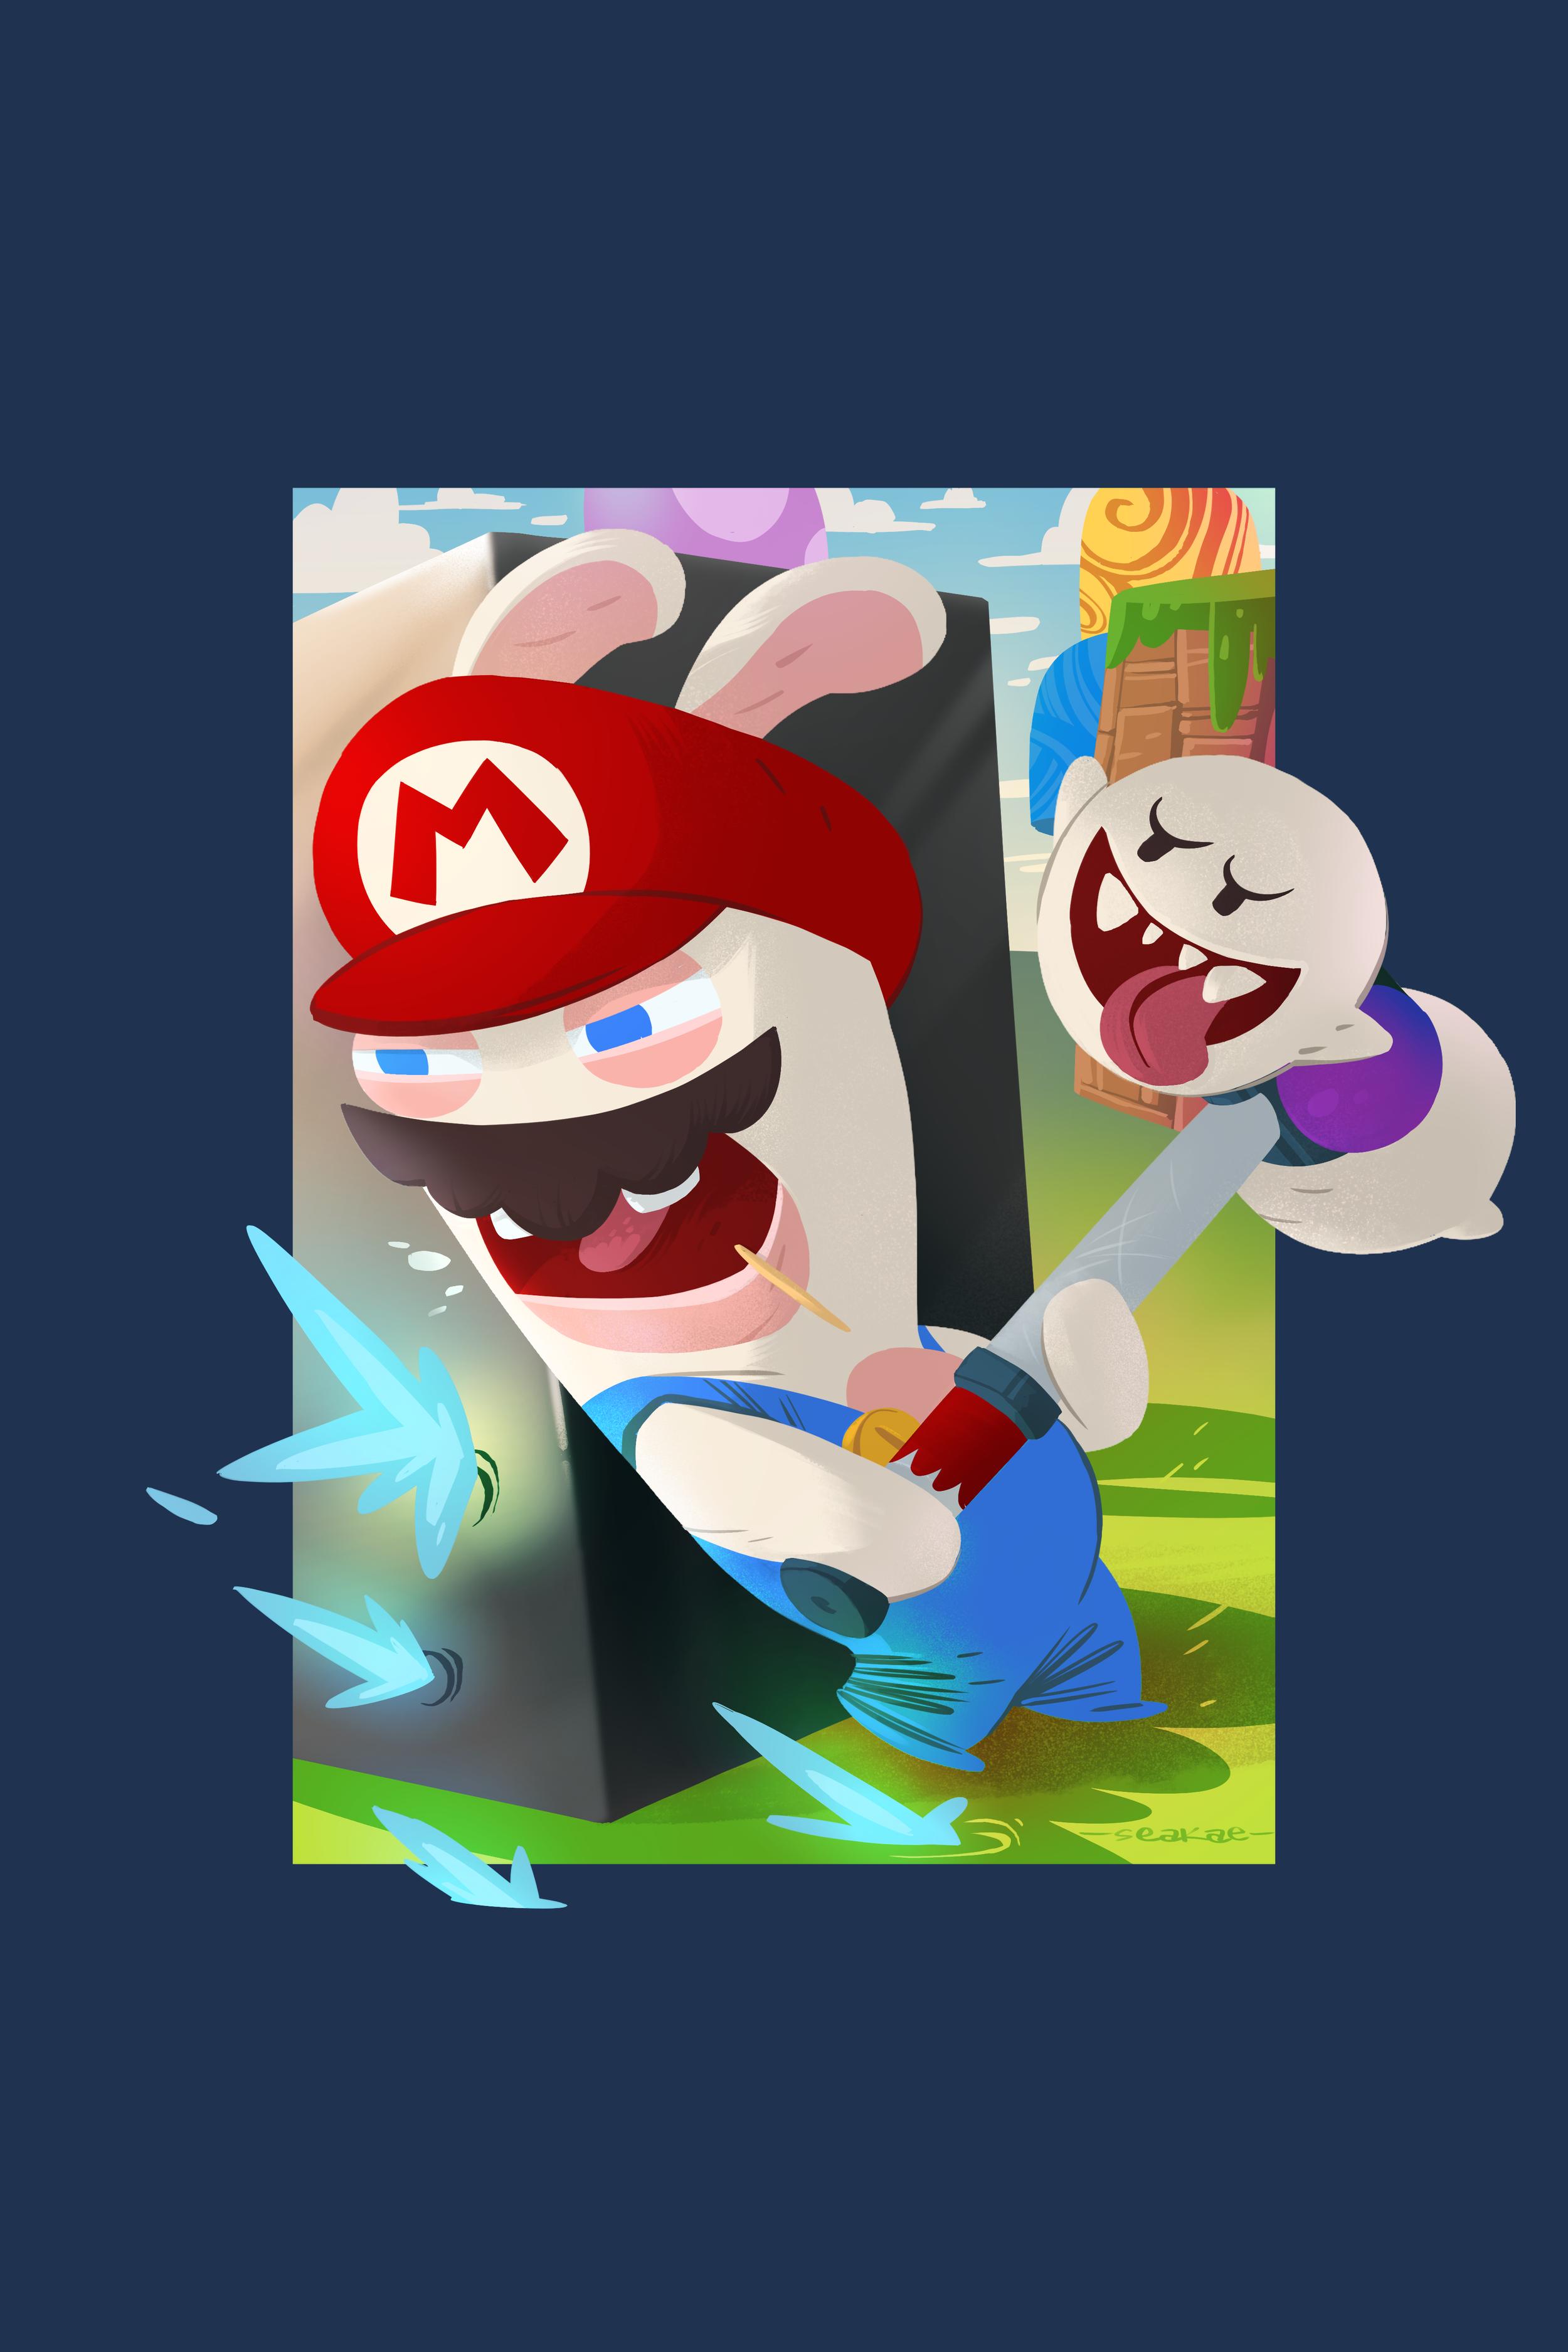 #10 || Mario + Rabbids